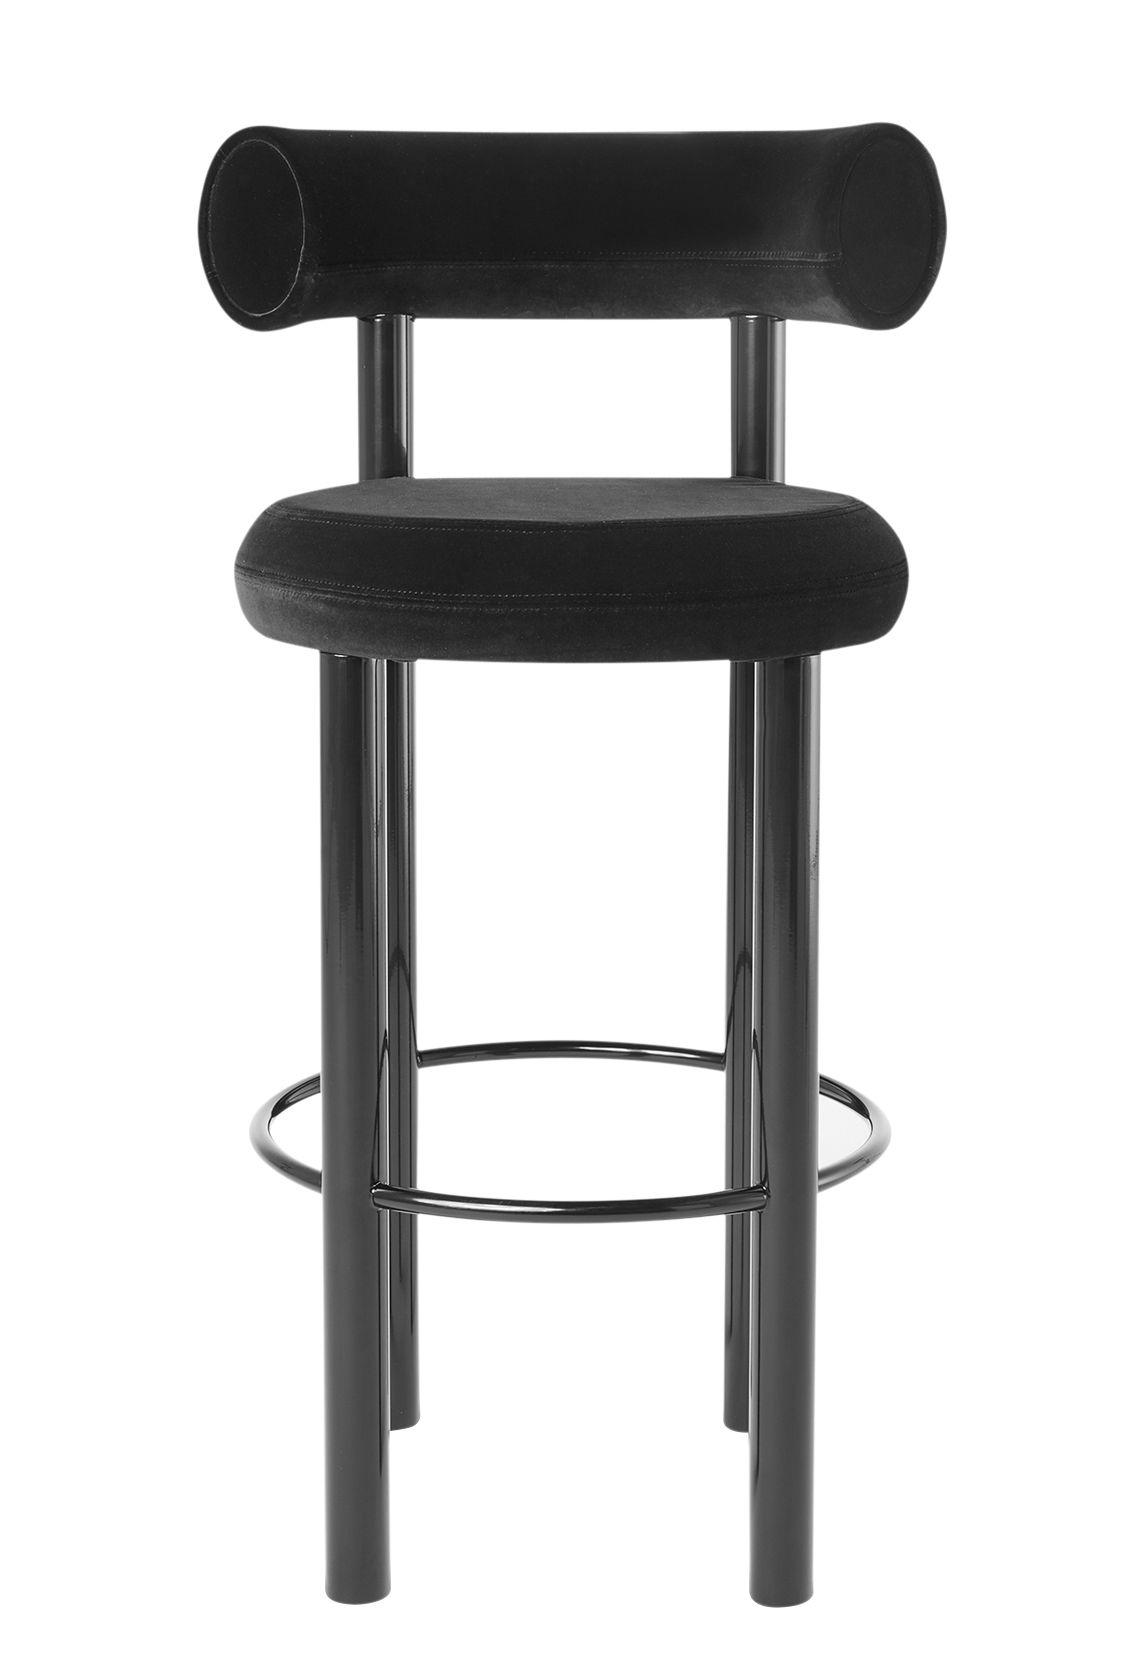 Mobilier - Tabourets de bar - Chaise de bar Fat / Velours - H 75 cm - Tom Dixon - Noir - Acier laqué, Mousse moulée, Velours